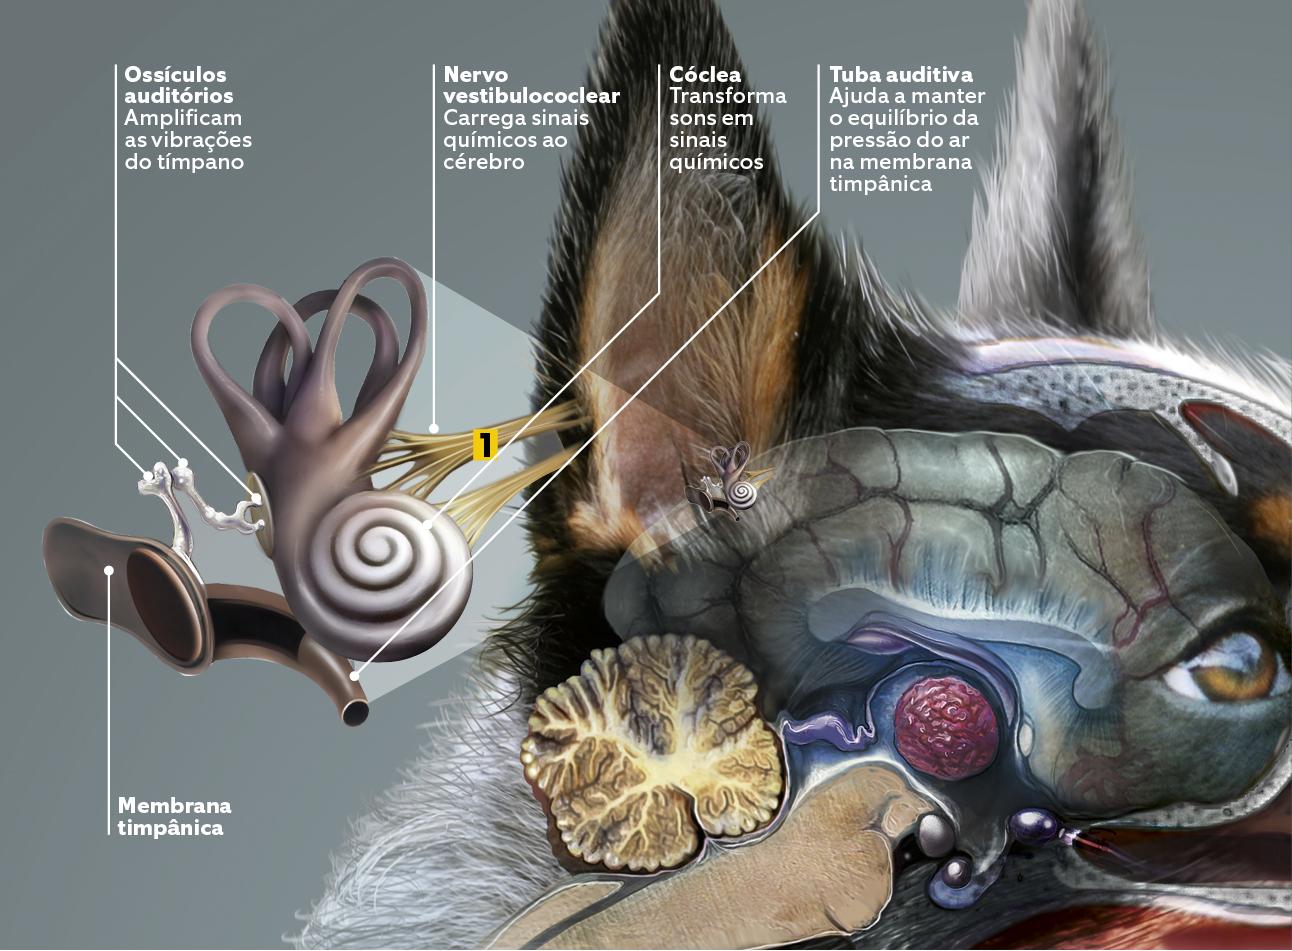 cães 5 - sentidos - audição